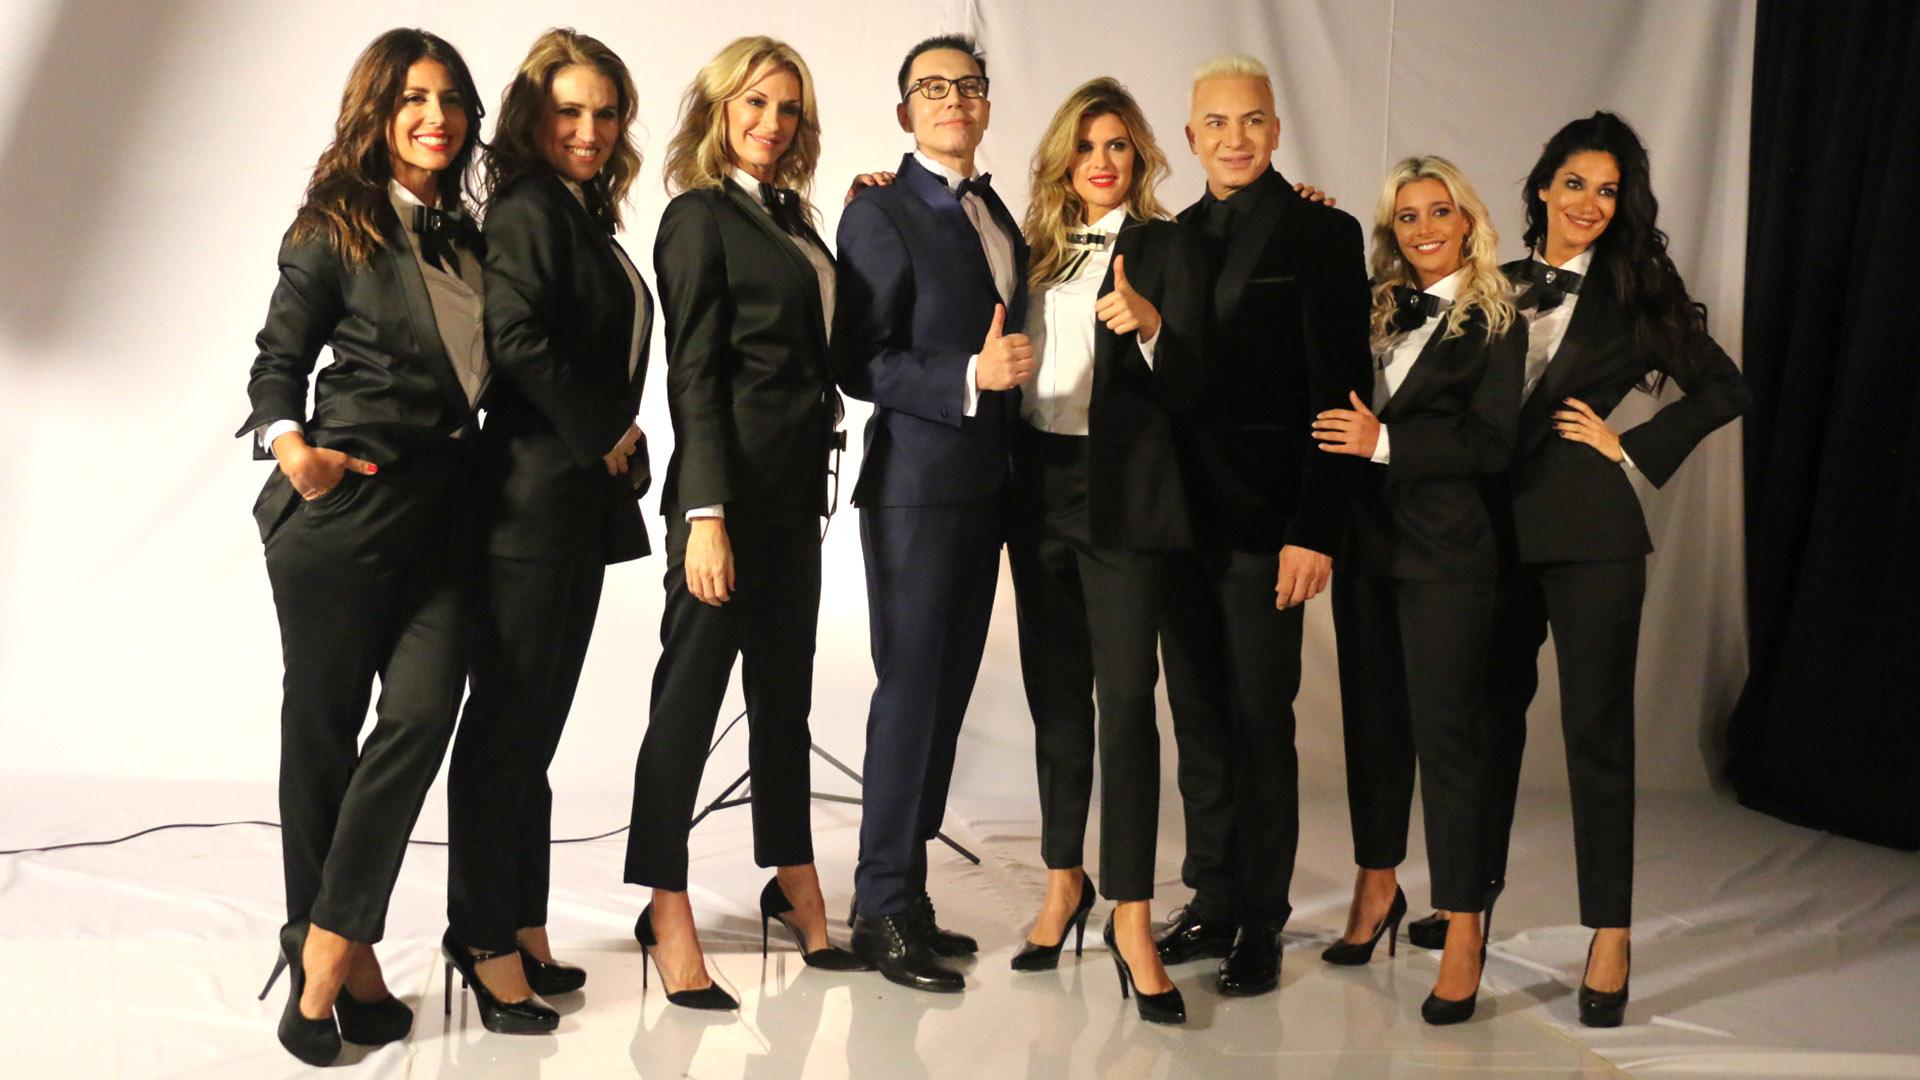 Marcelo Polino volverá a la pantalla chica el 23 de julio. Todo el equipo posó para las fotos oficiales del nuevo ciclo (Verónica Guerman / Teleshow)